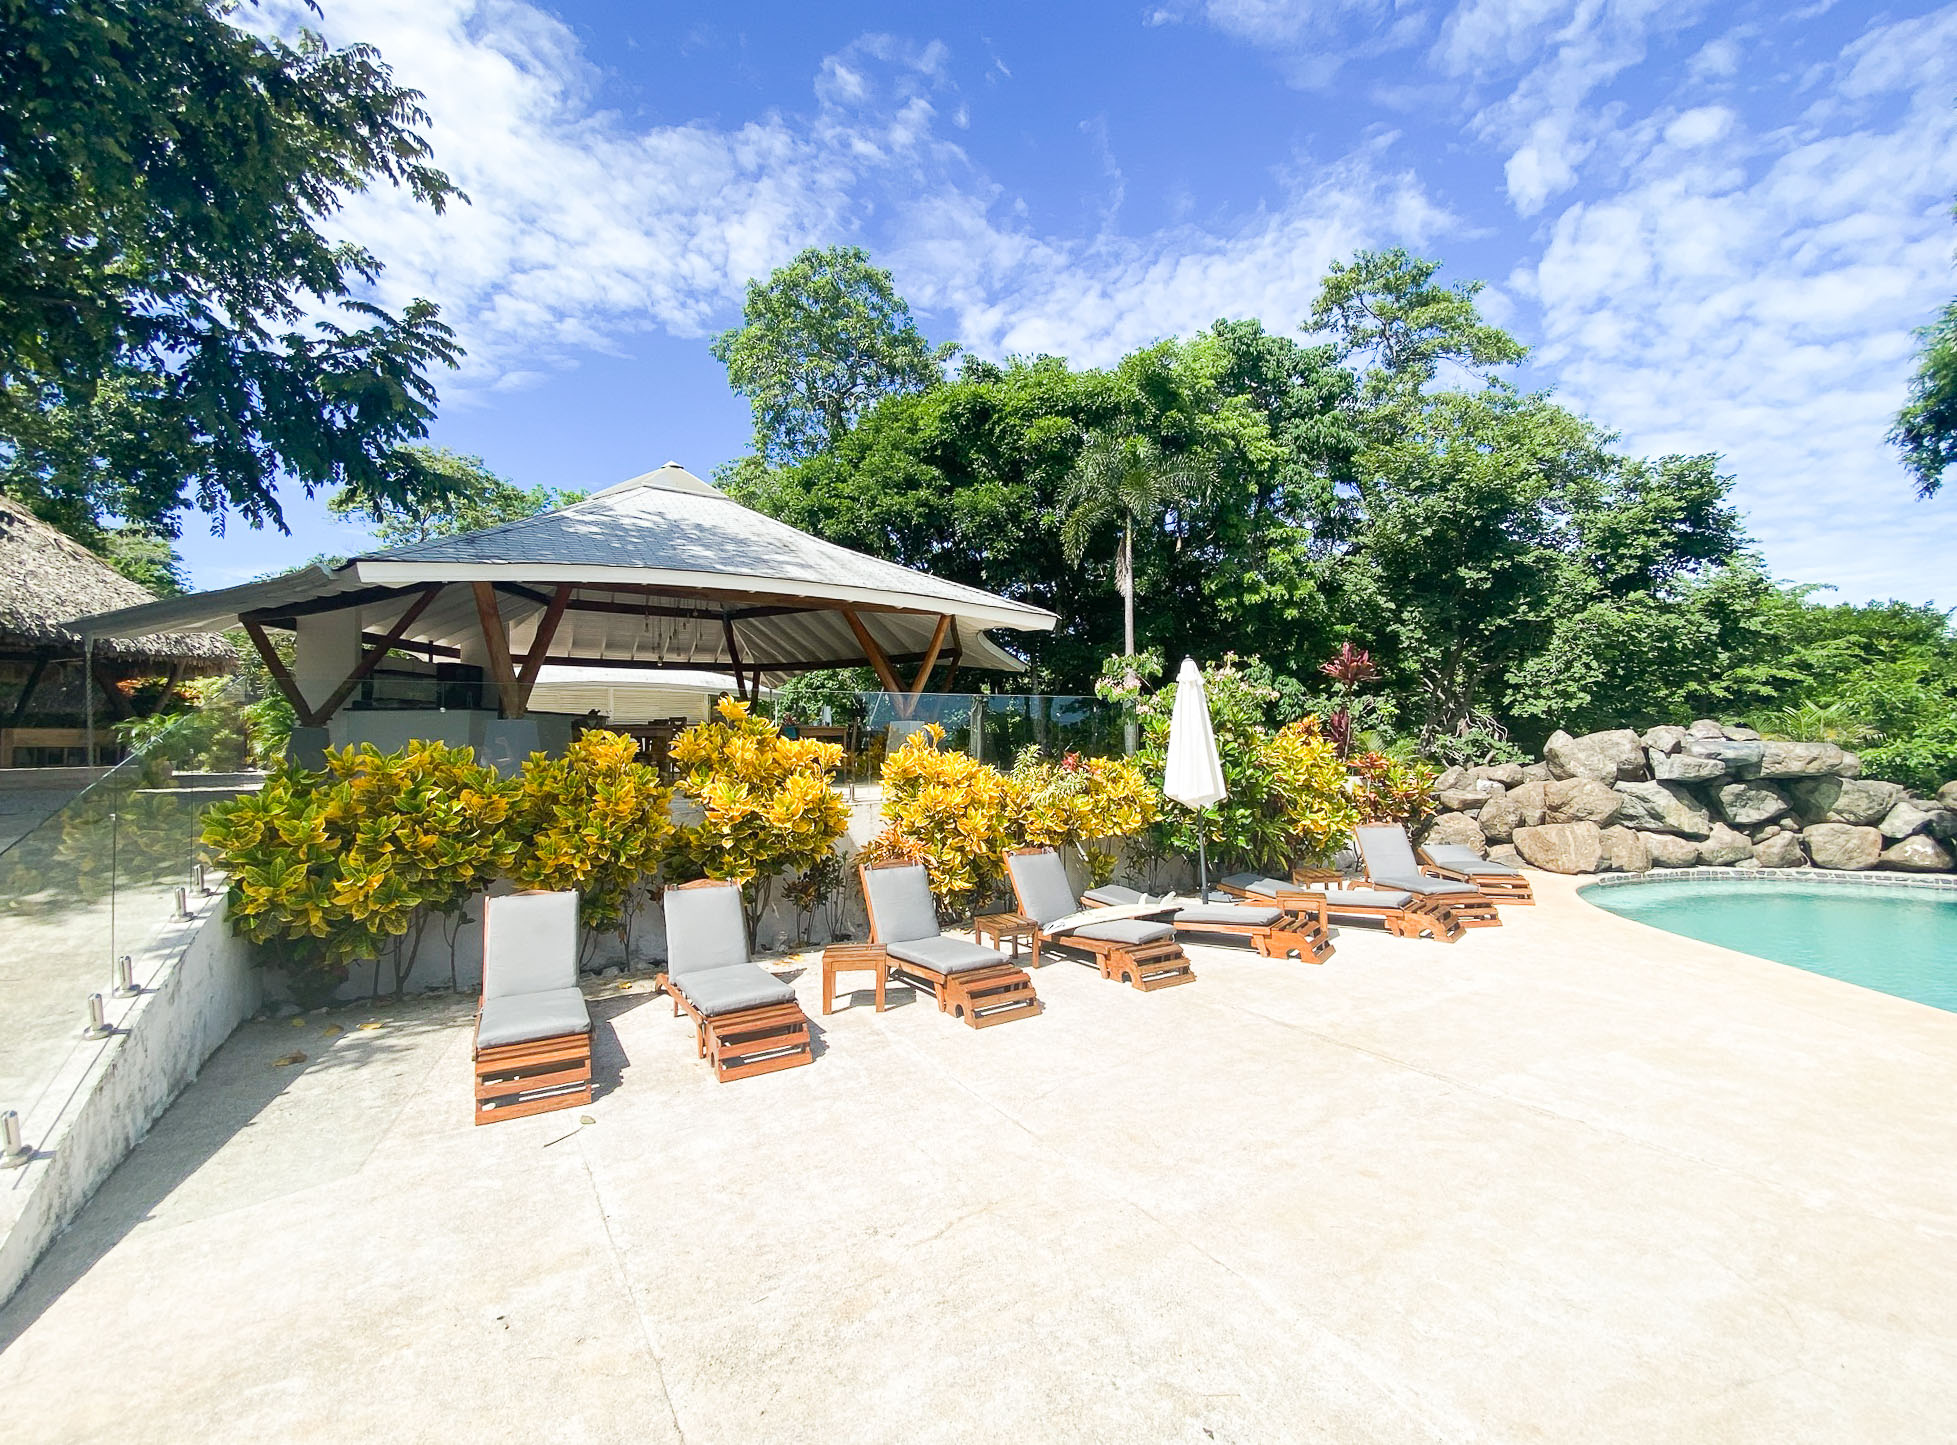 Lodge Único Ubicado en un Lugar Encantador, Avellanas, Guanacaste